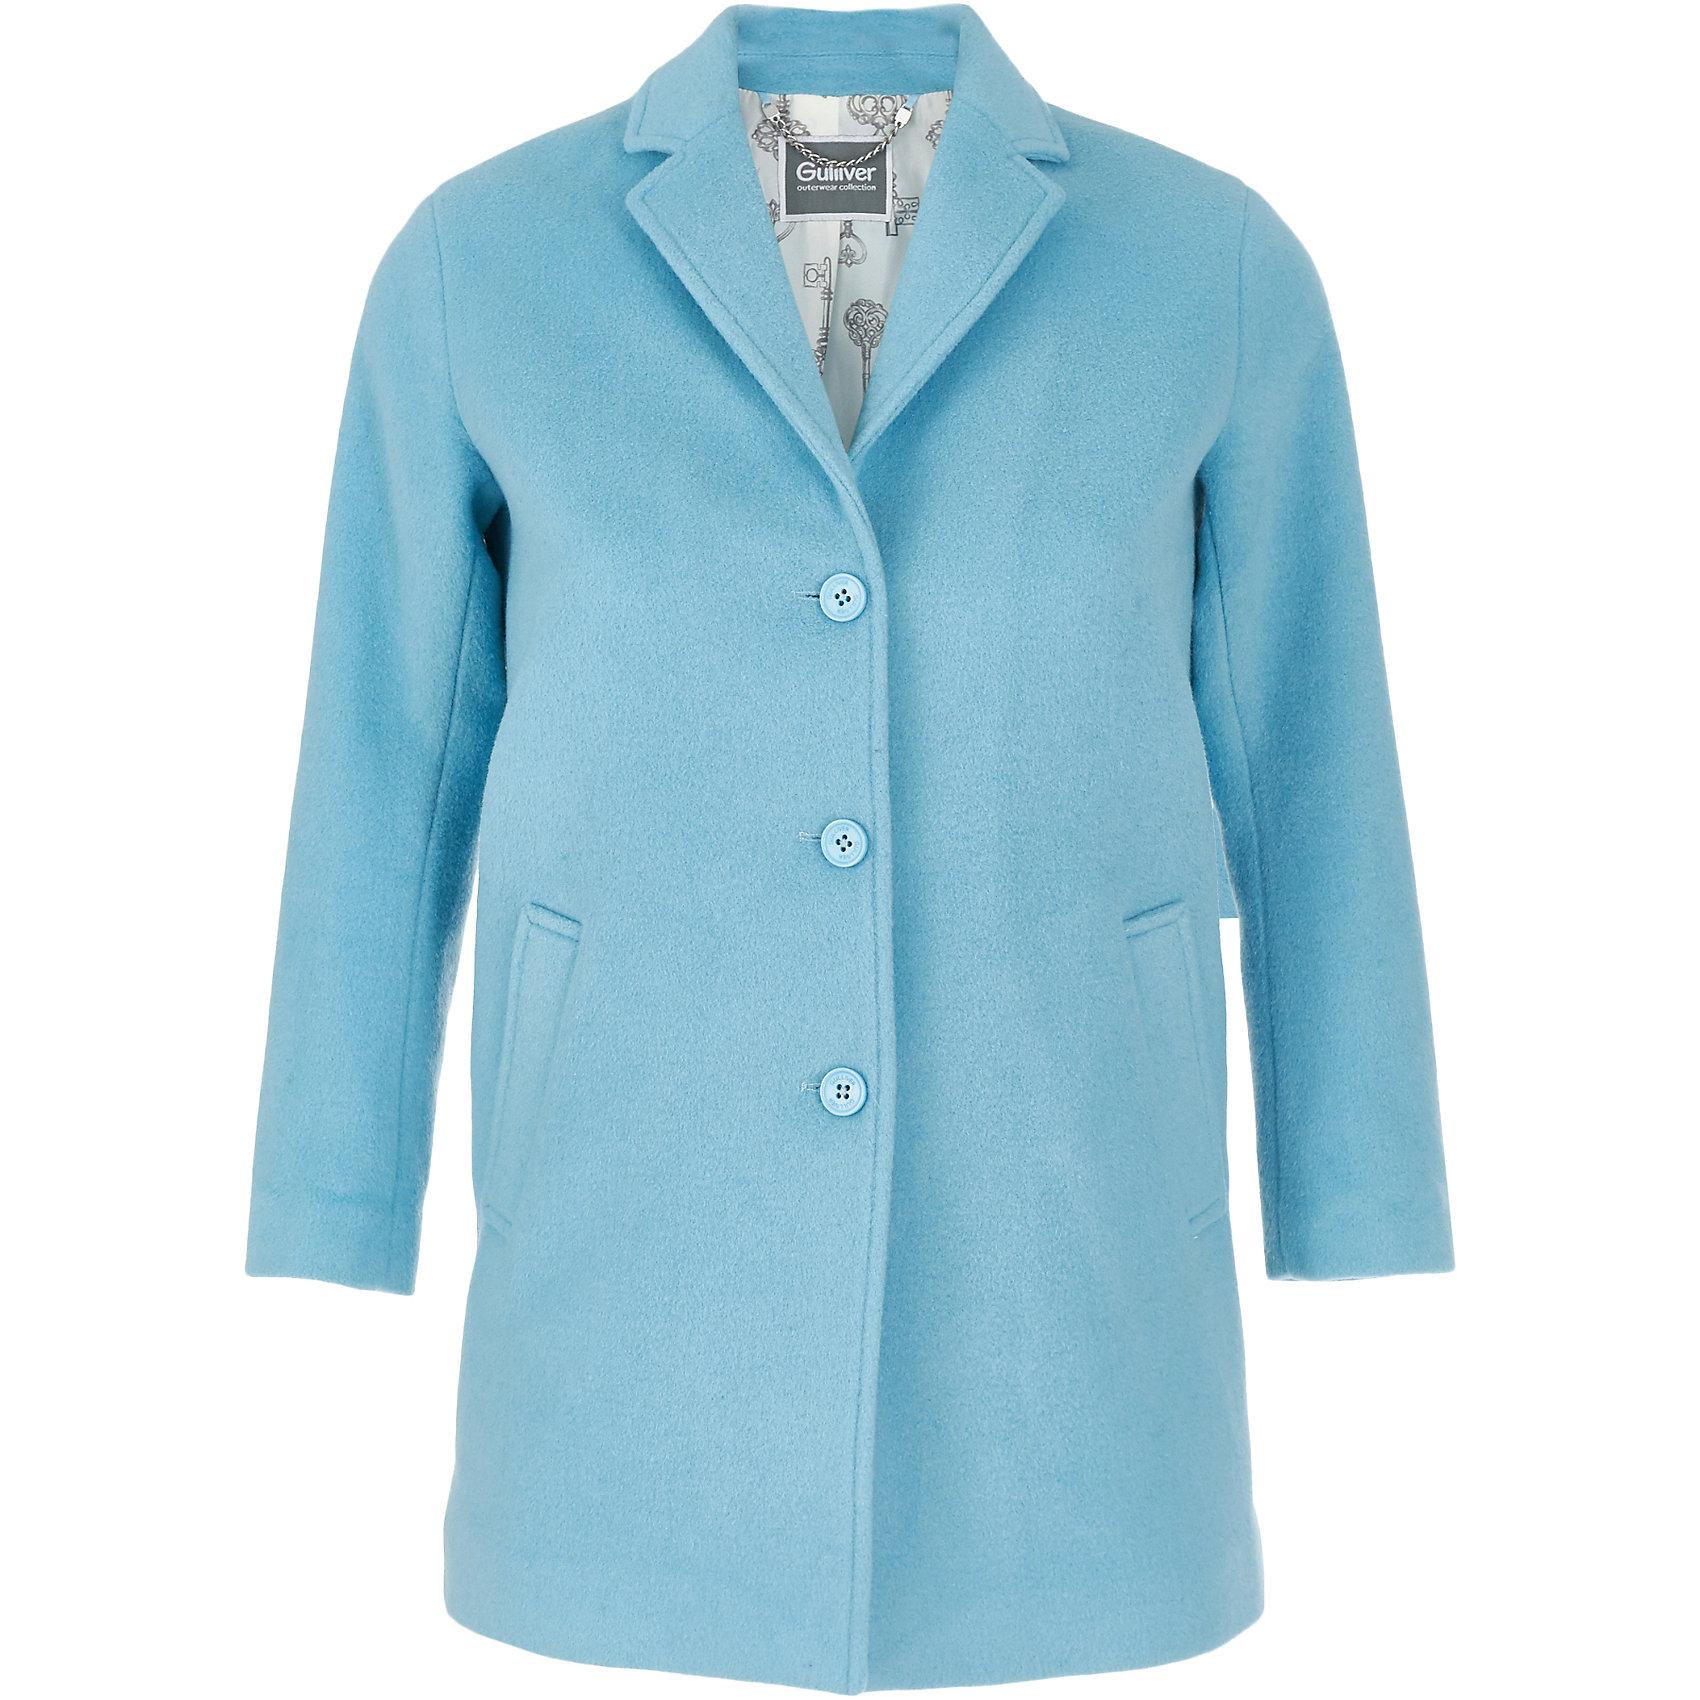 Пальто Gulliver для девочкиПальто и плащи<br>Пальто Gulliver для девочки<br>Модную или комфортную? Удобную или красивую? ... Если вы хотите купить куртку для девочки, помните, что хорошая куртка должна сочетать в себе все необходимые требования к функциональности и внешнему виду! Именно такая, детская куртка от Gulliver, - отличный вариант для холодной погоды. Лаконичный дизайн модели с лихвой компенсируется модным металлическим блеском серебристой плащевки. Модная форма, комфортная длина, удачная конструкция модели, не препятствующая свободе движений, а также все необходимые элементы для защиты от ветра сделают куртку незаменимым атрибутом осенне-зимнего сезона.<br>Состав:<br>верх: 88% полиэстер 12% нейлон; подкладка: 100% полиэстер; утеплитель: иск.пух 100% полиэстер<br><br>Ширина мм: 356<br>Глубина мм: 10<br>Высота мм: 245<br>Вес г: 519<br>Цвет: голубой<br>Возраст от месяцев: 108<br>Возраст до месяцев: 120<br>Пол: Женский<br>Возраст: Детский<br>Размер: 140,122,128,134<br>SKU: 7076906